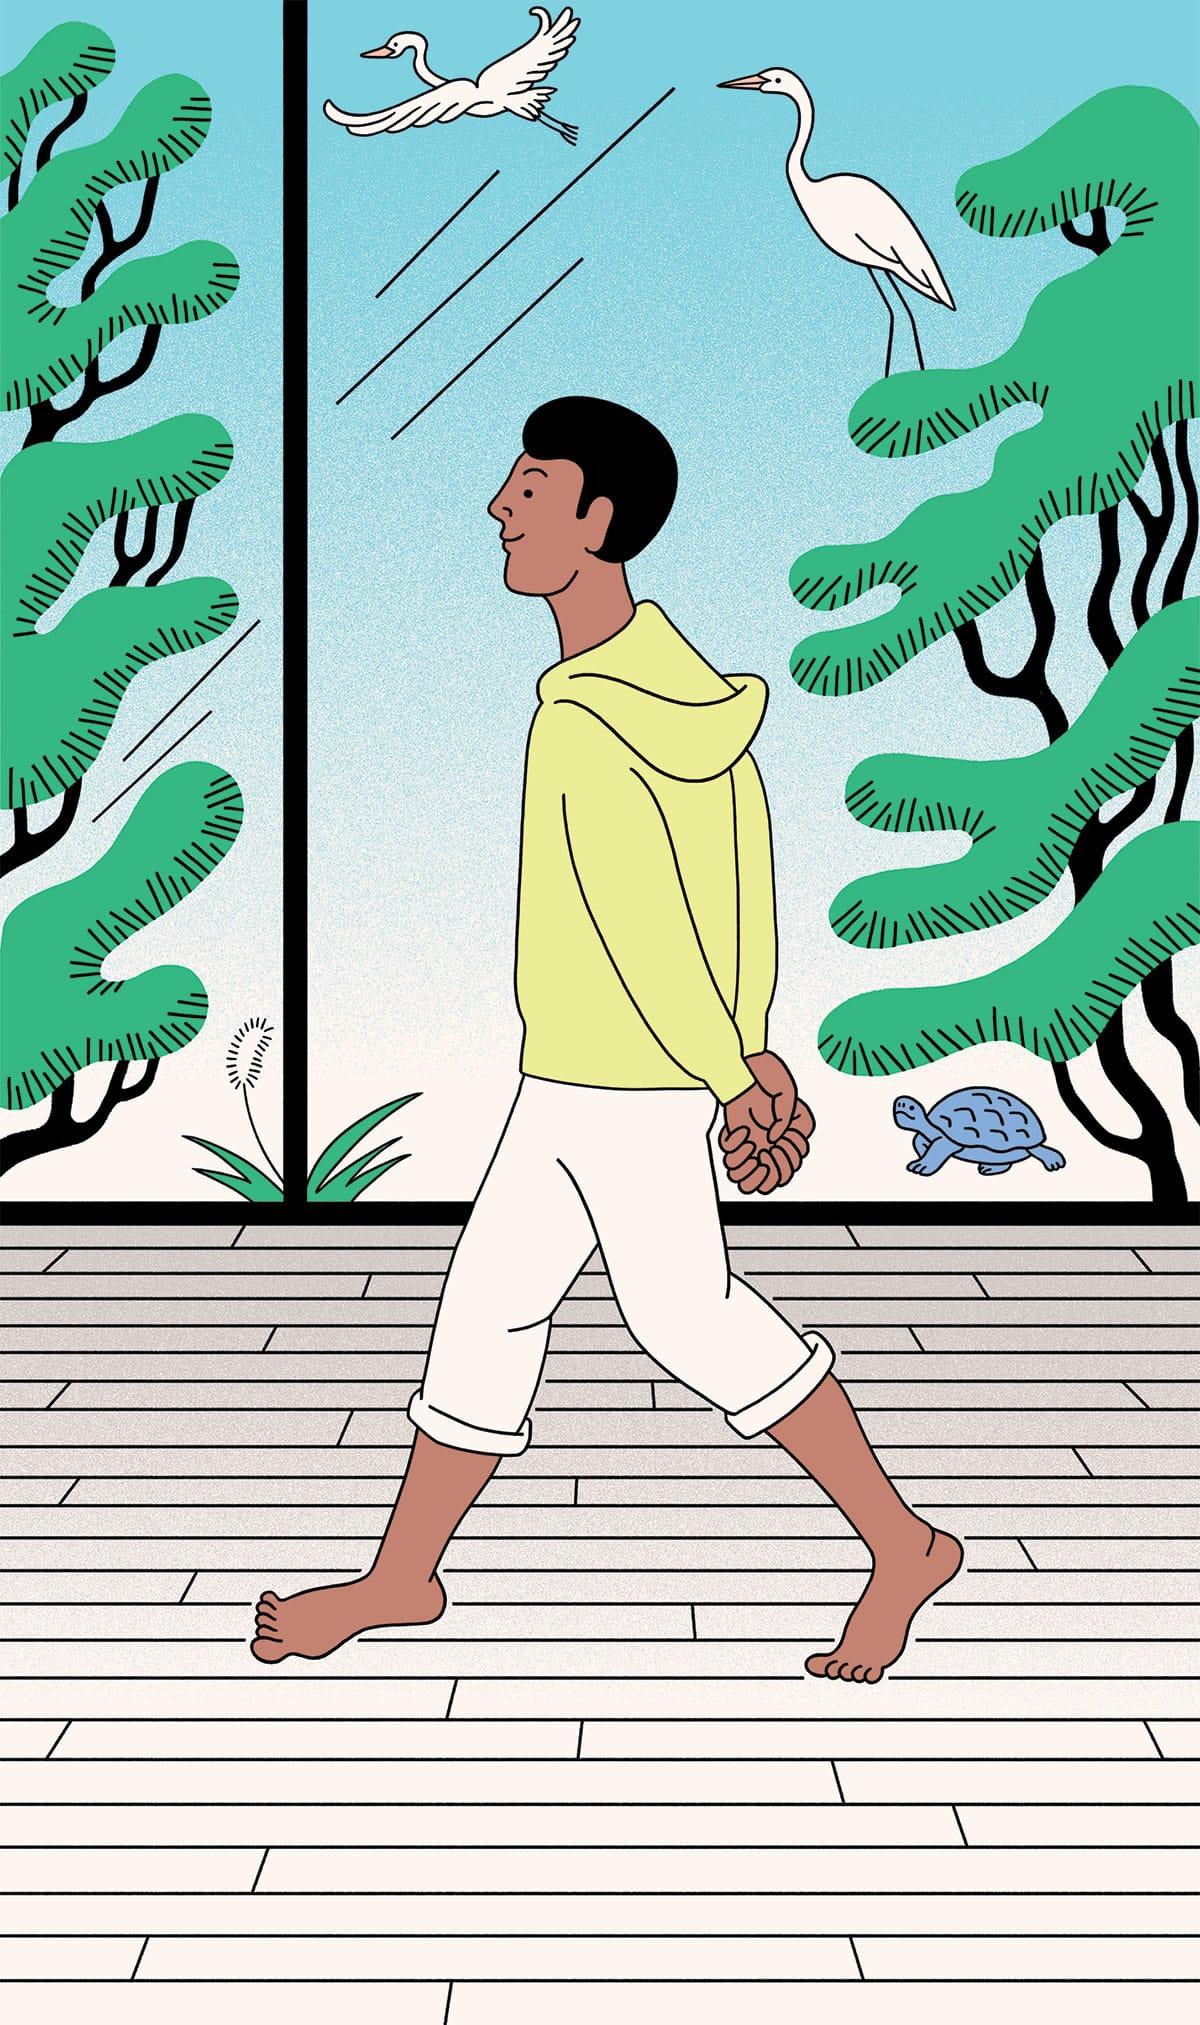 Man walking happily